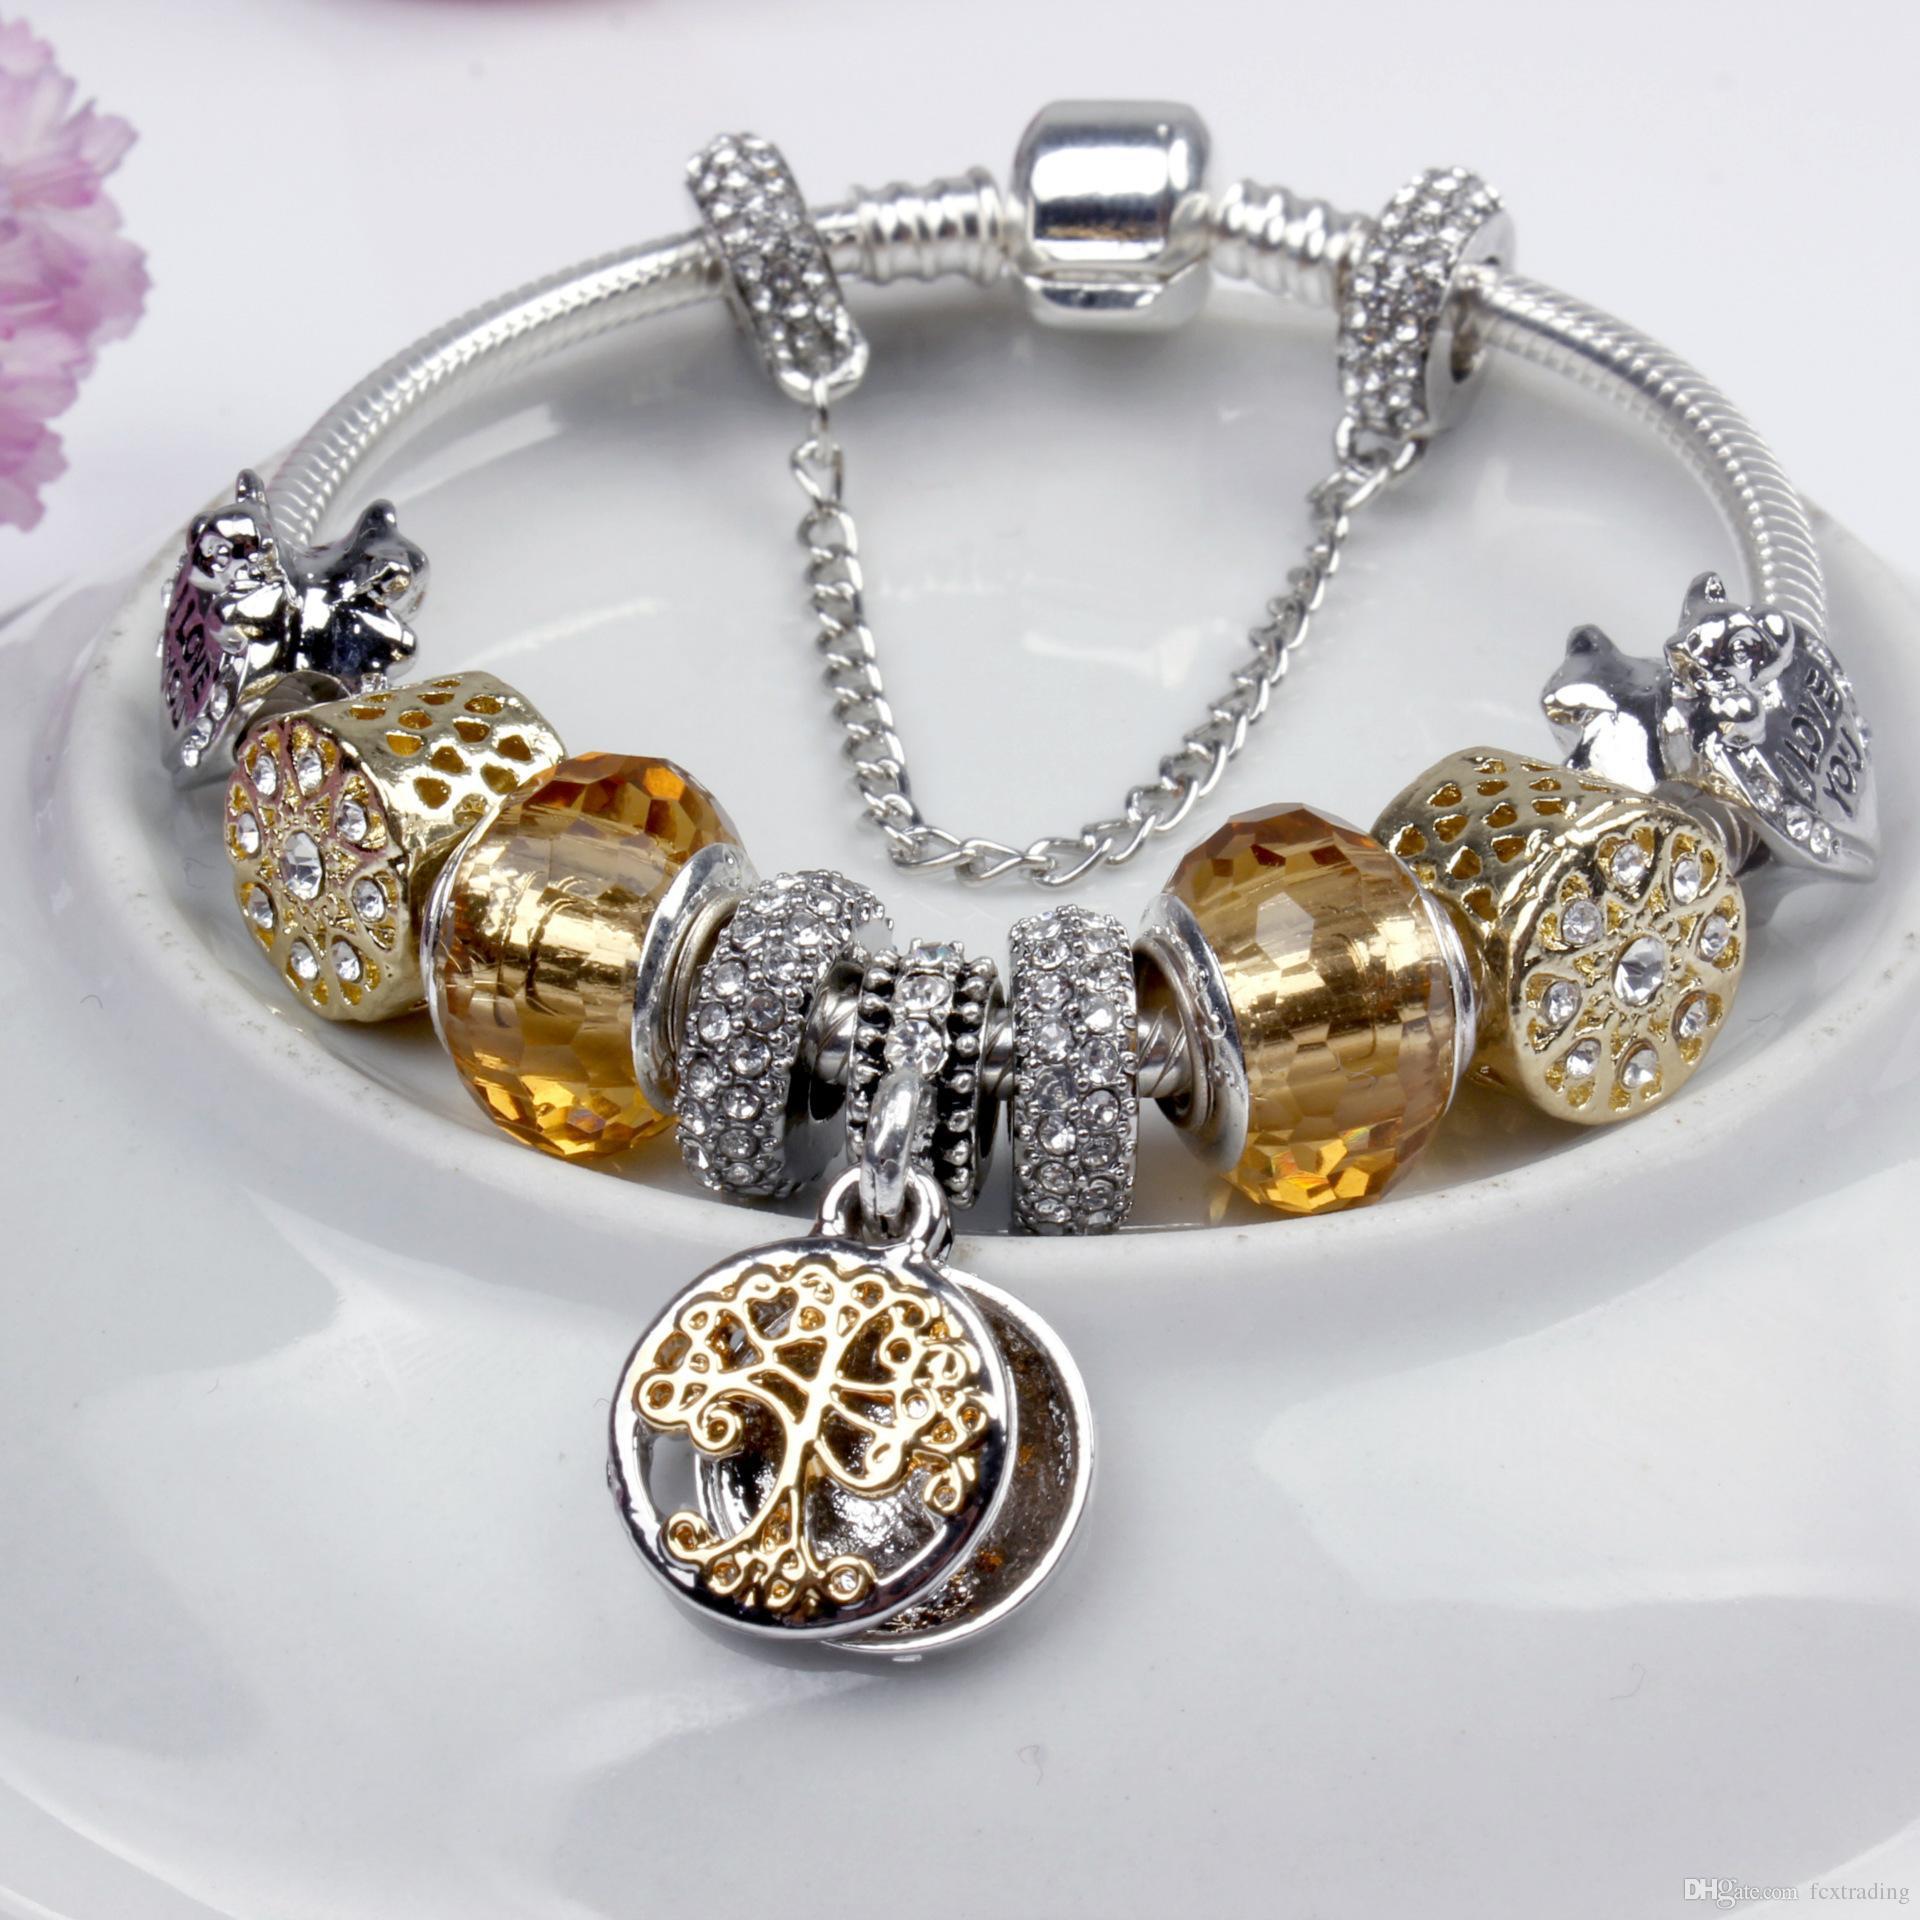 Charm Beads Bracelet 925 Silver Pandora Bracelets Life